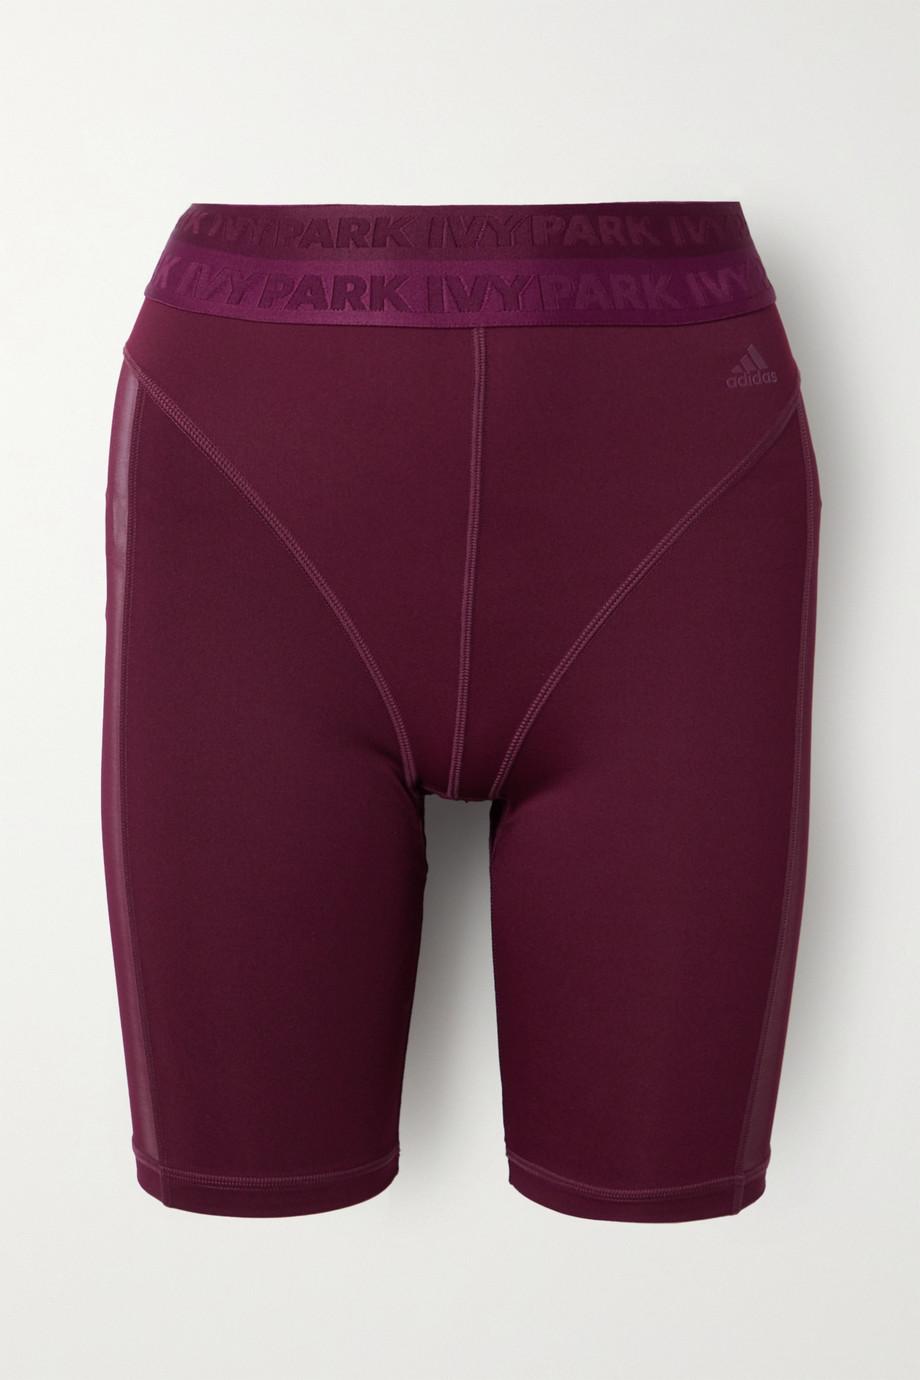 adidas Originals |  + Ivy Park mesh-trimmed stretch shorts | NET-A-PORTER.COM